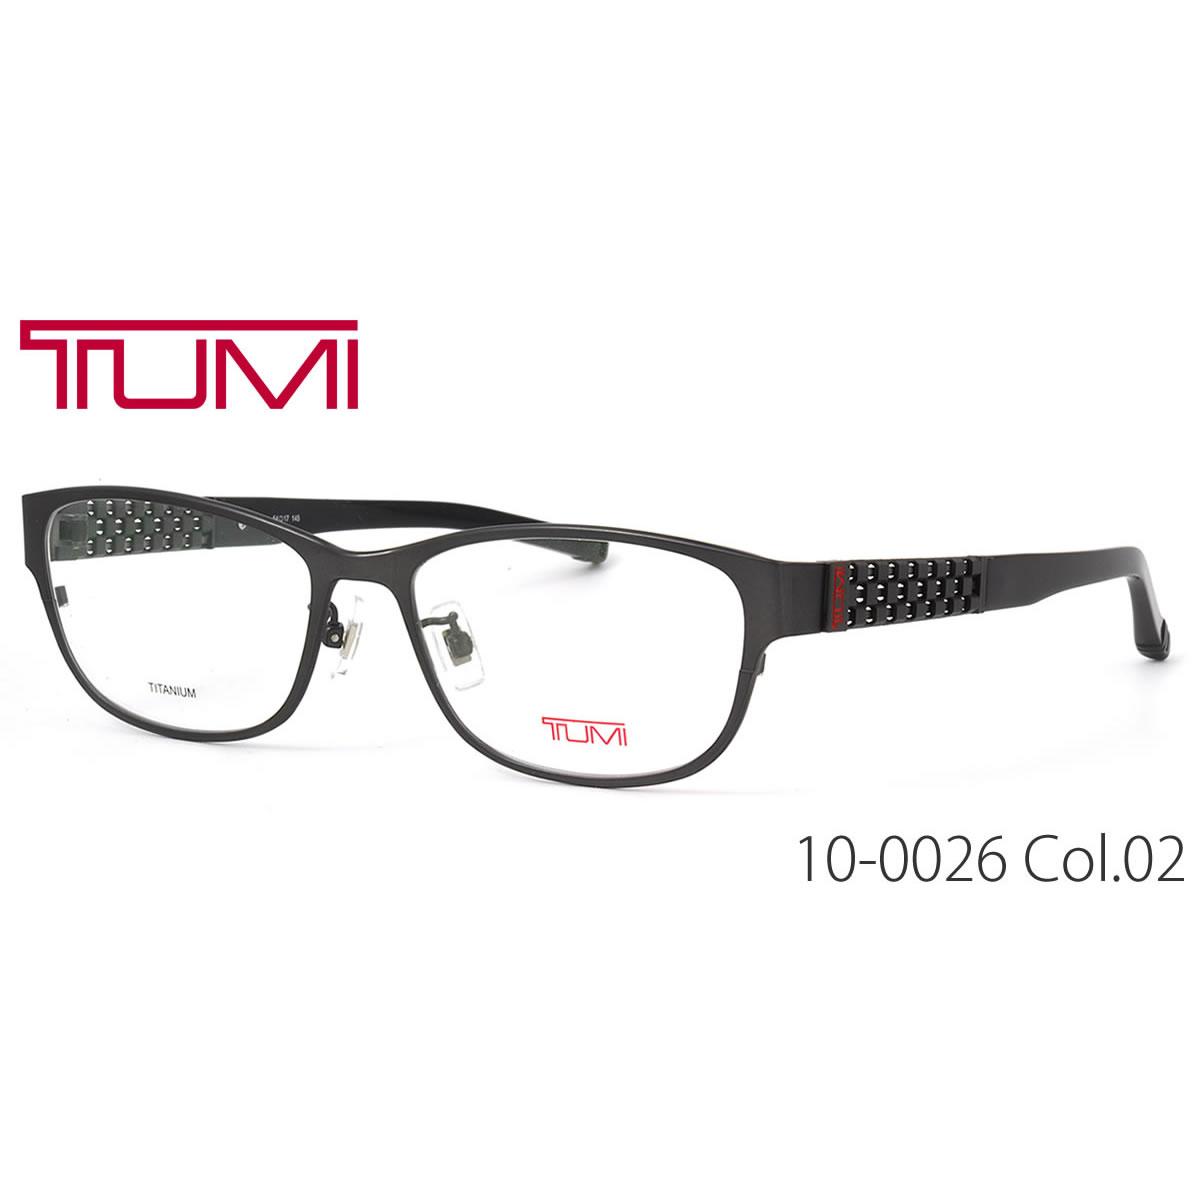 トゥミ メガネ 10-0026 02 54サイズ TUMI ビジネスバッグで人気のブランド メンズ